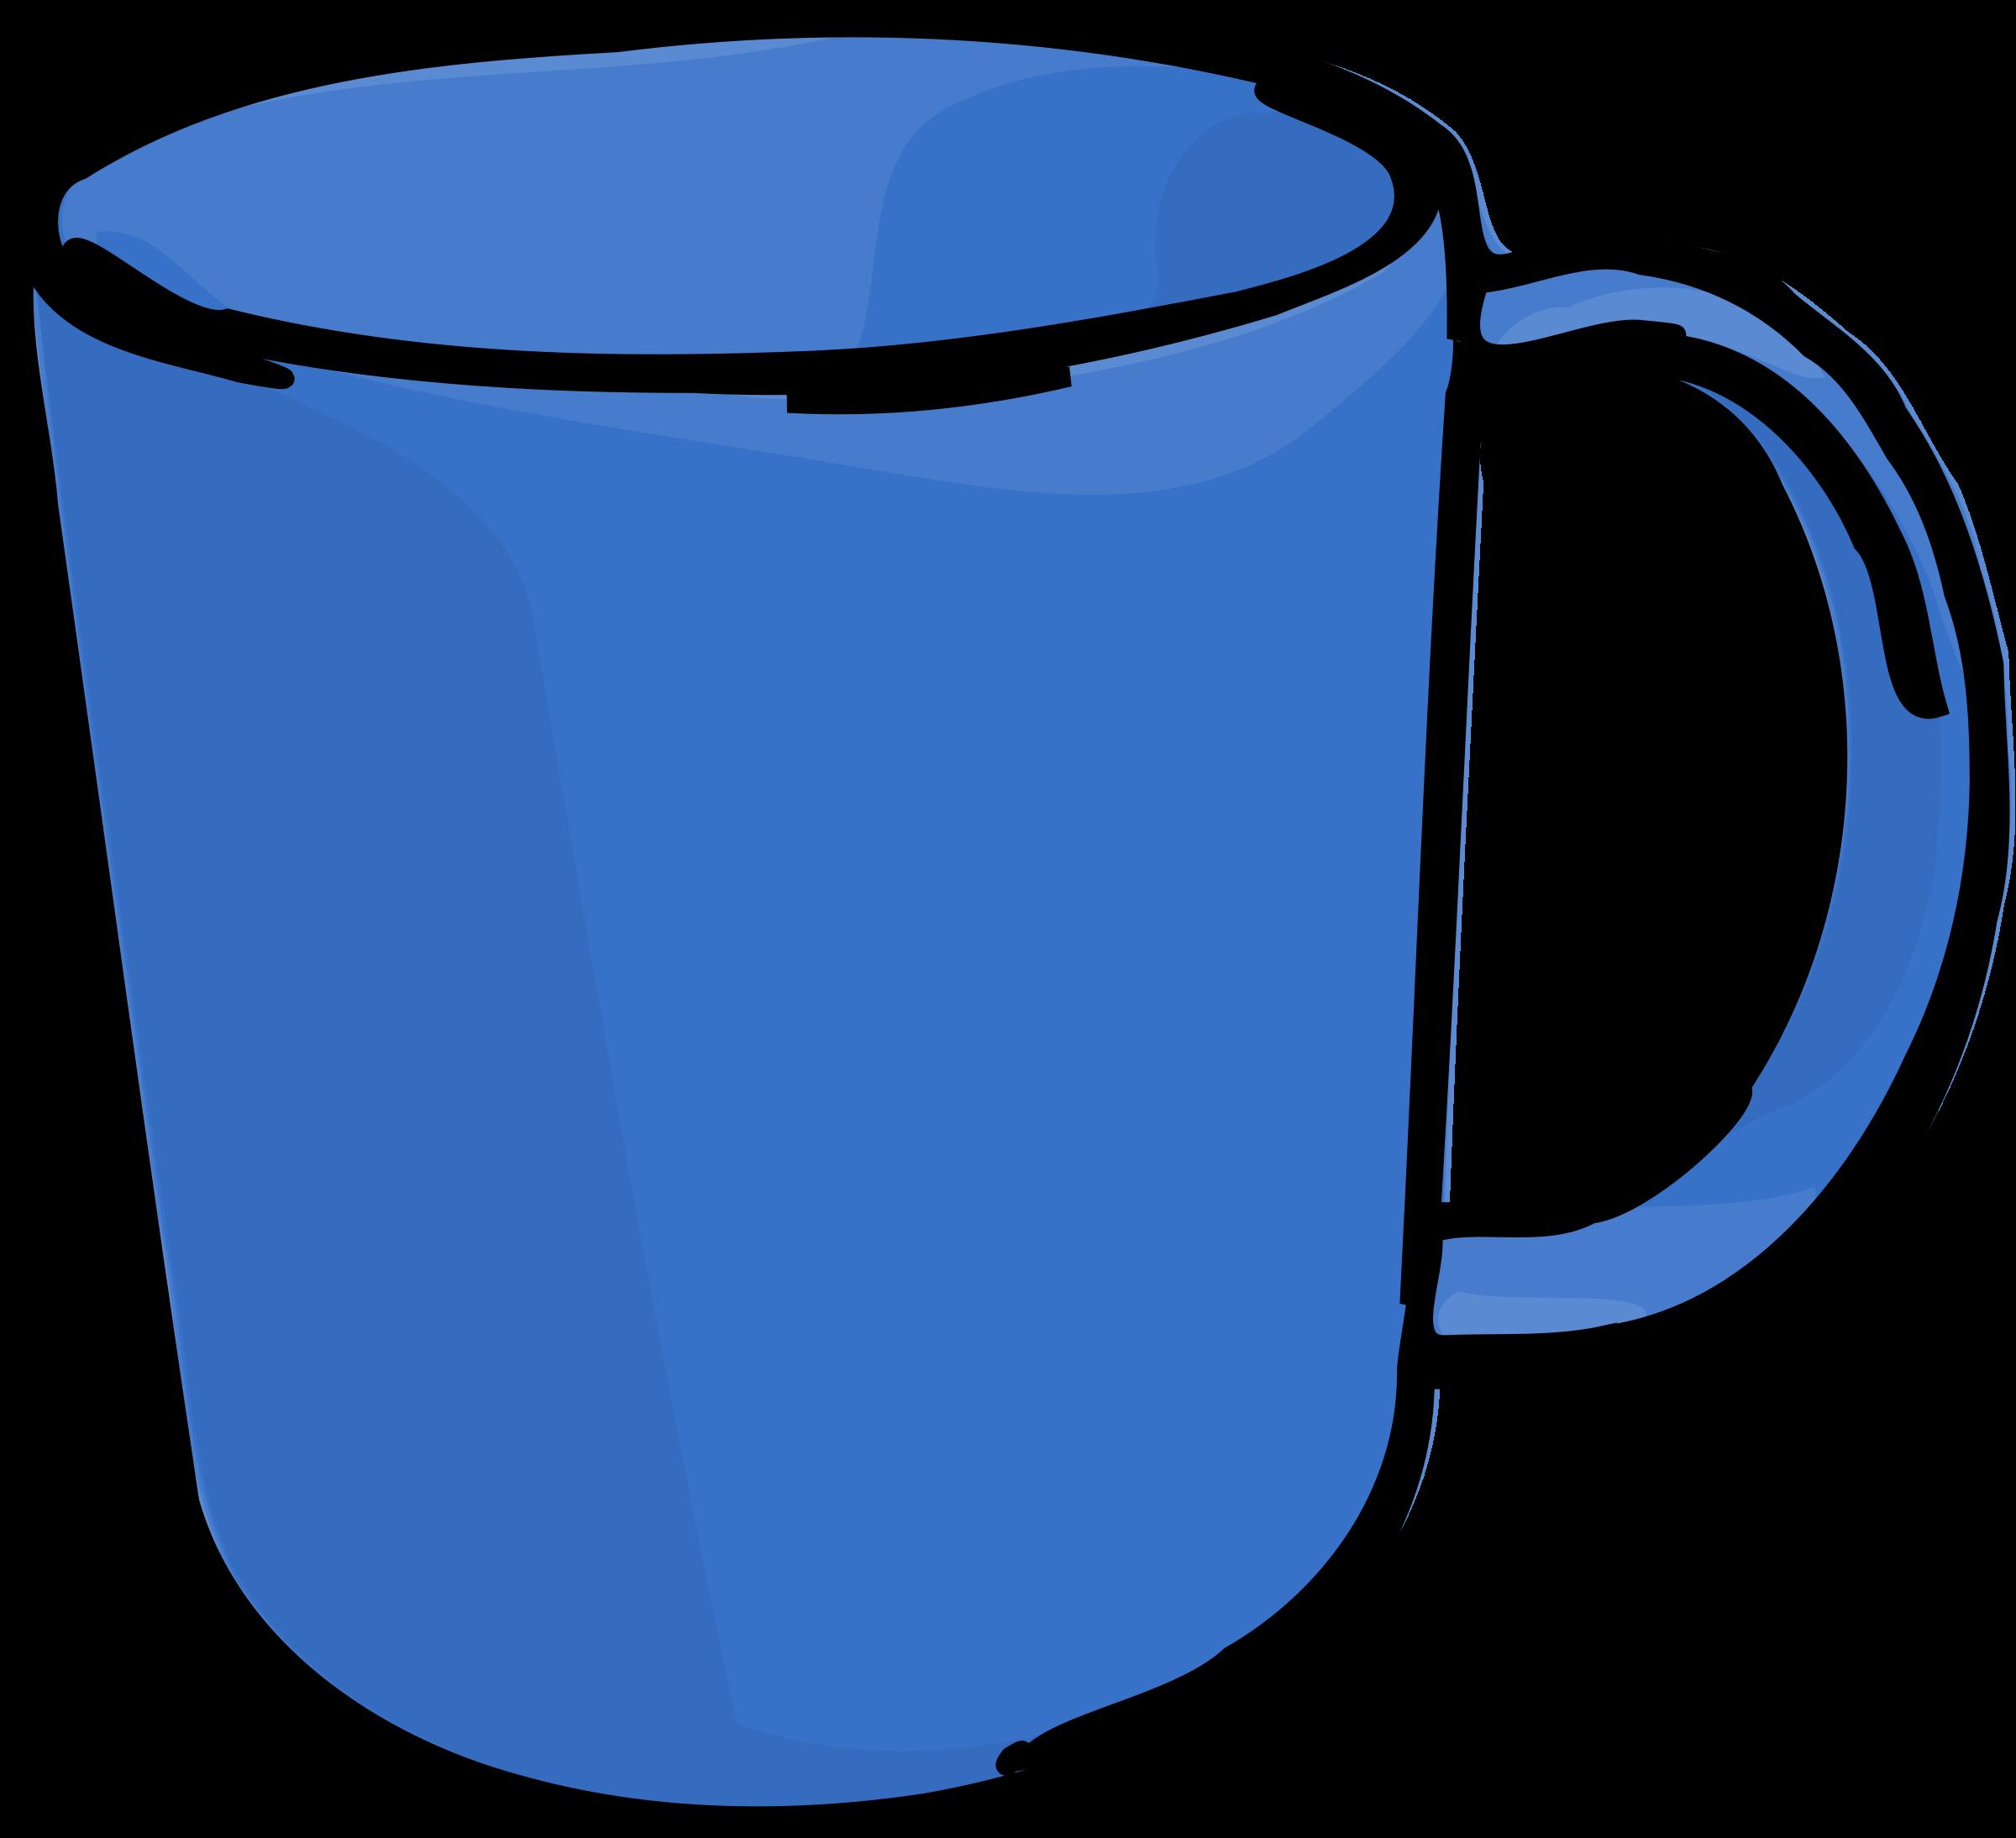 vector royalty free Mug clipart. Big image png.